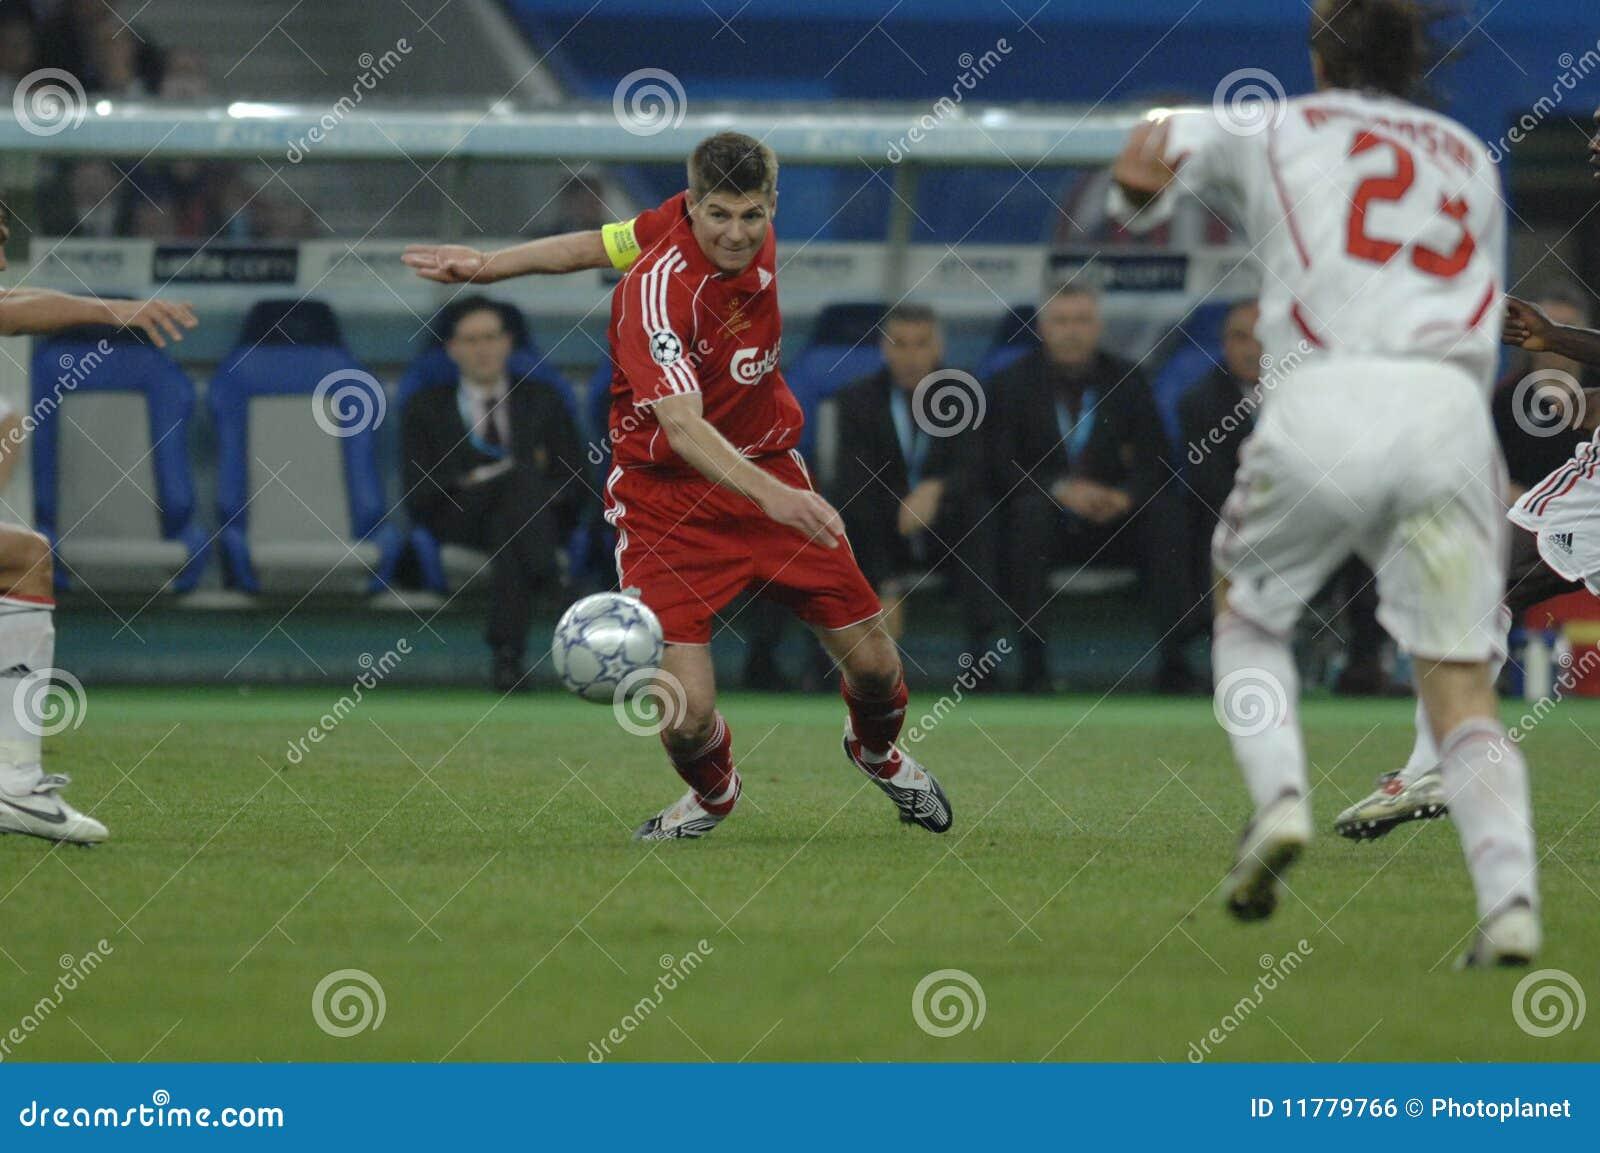 FranceFootball 2009 Best 30Players Stiven Gerrard